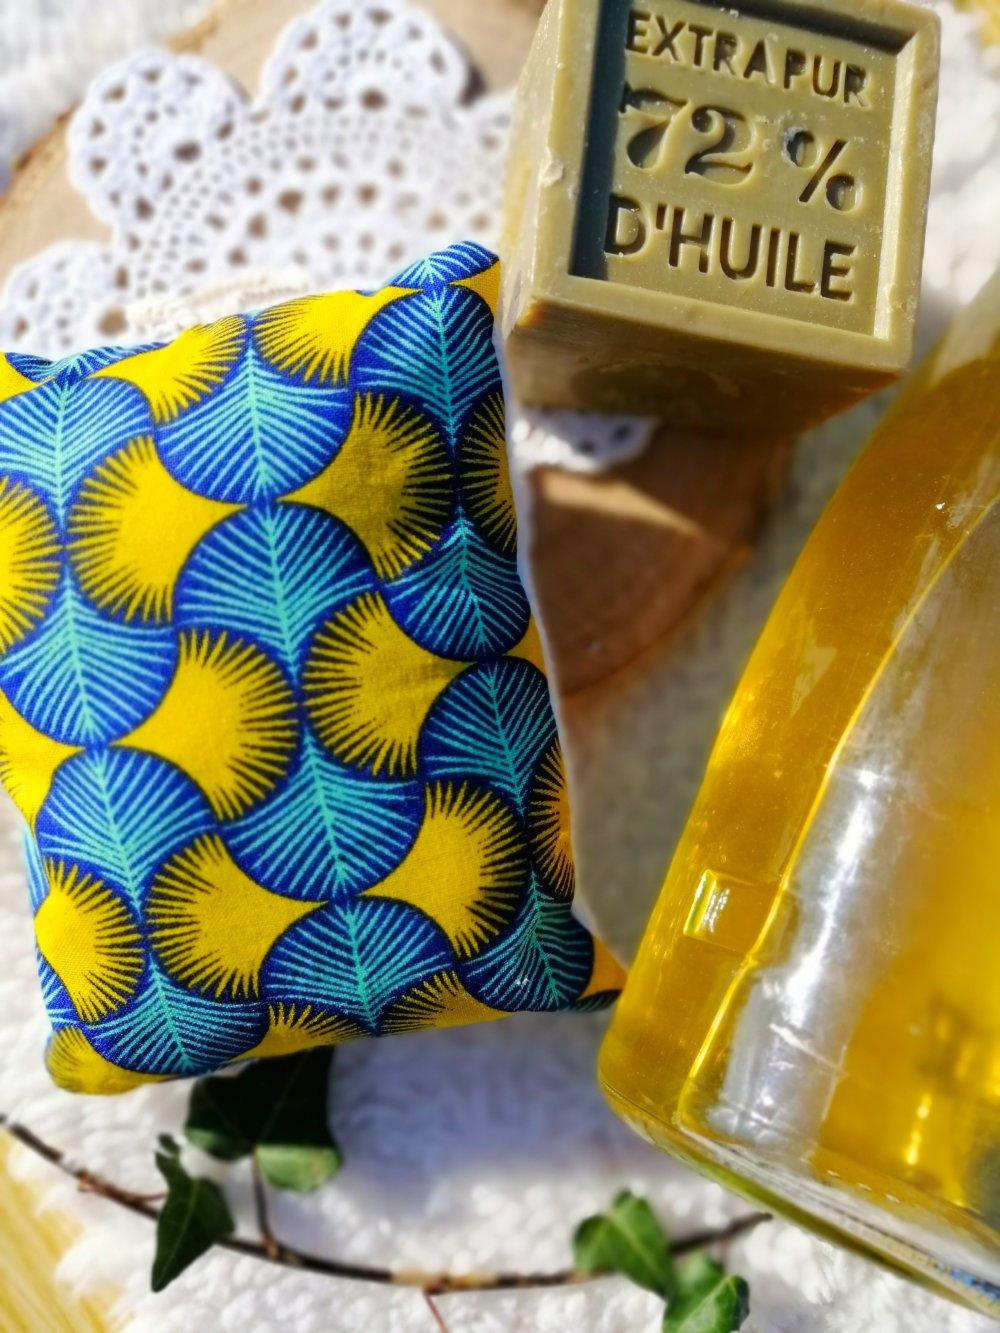 Eponge lavable en wax bleu et jaune et micro éponge de bambou bio